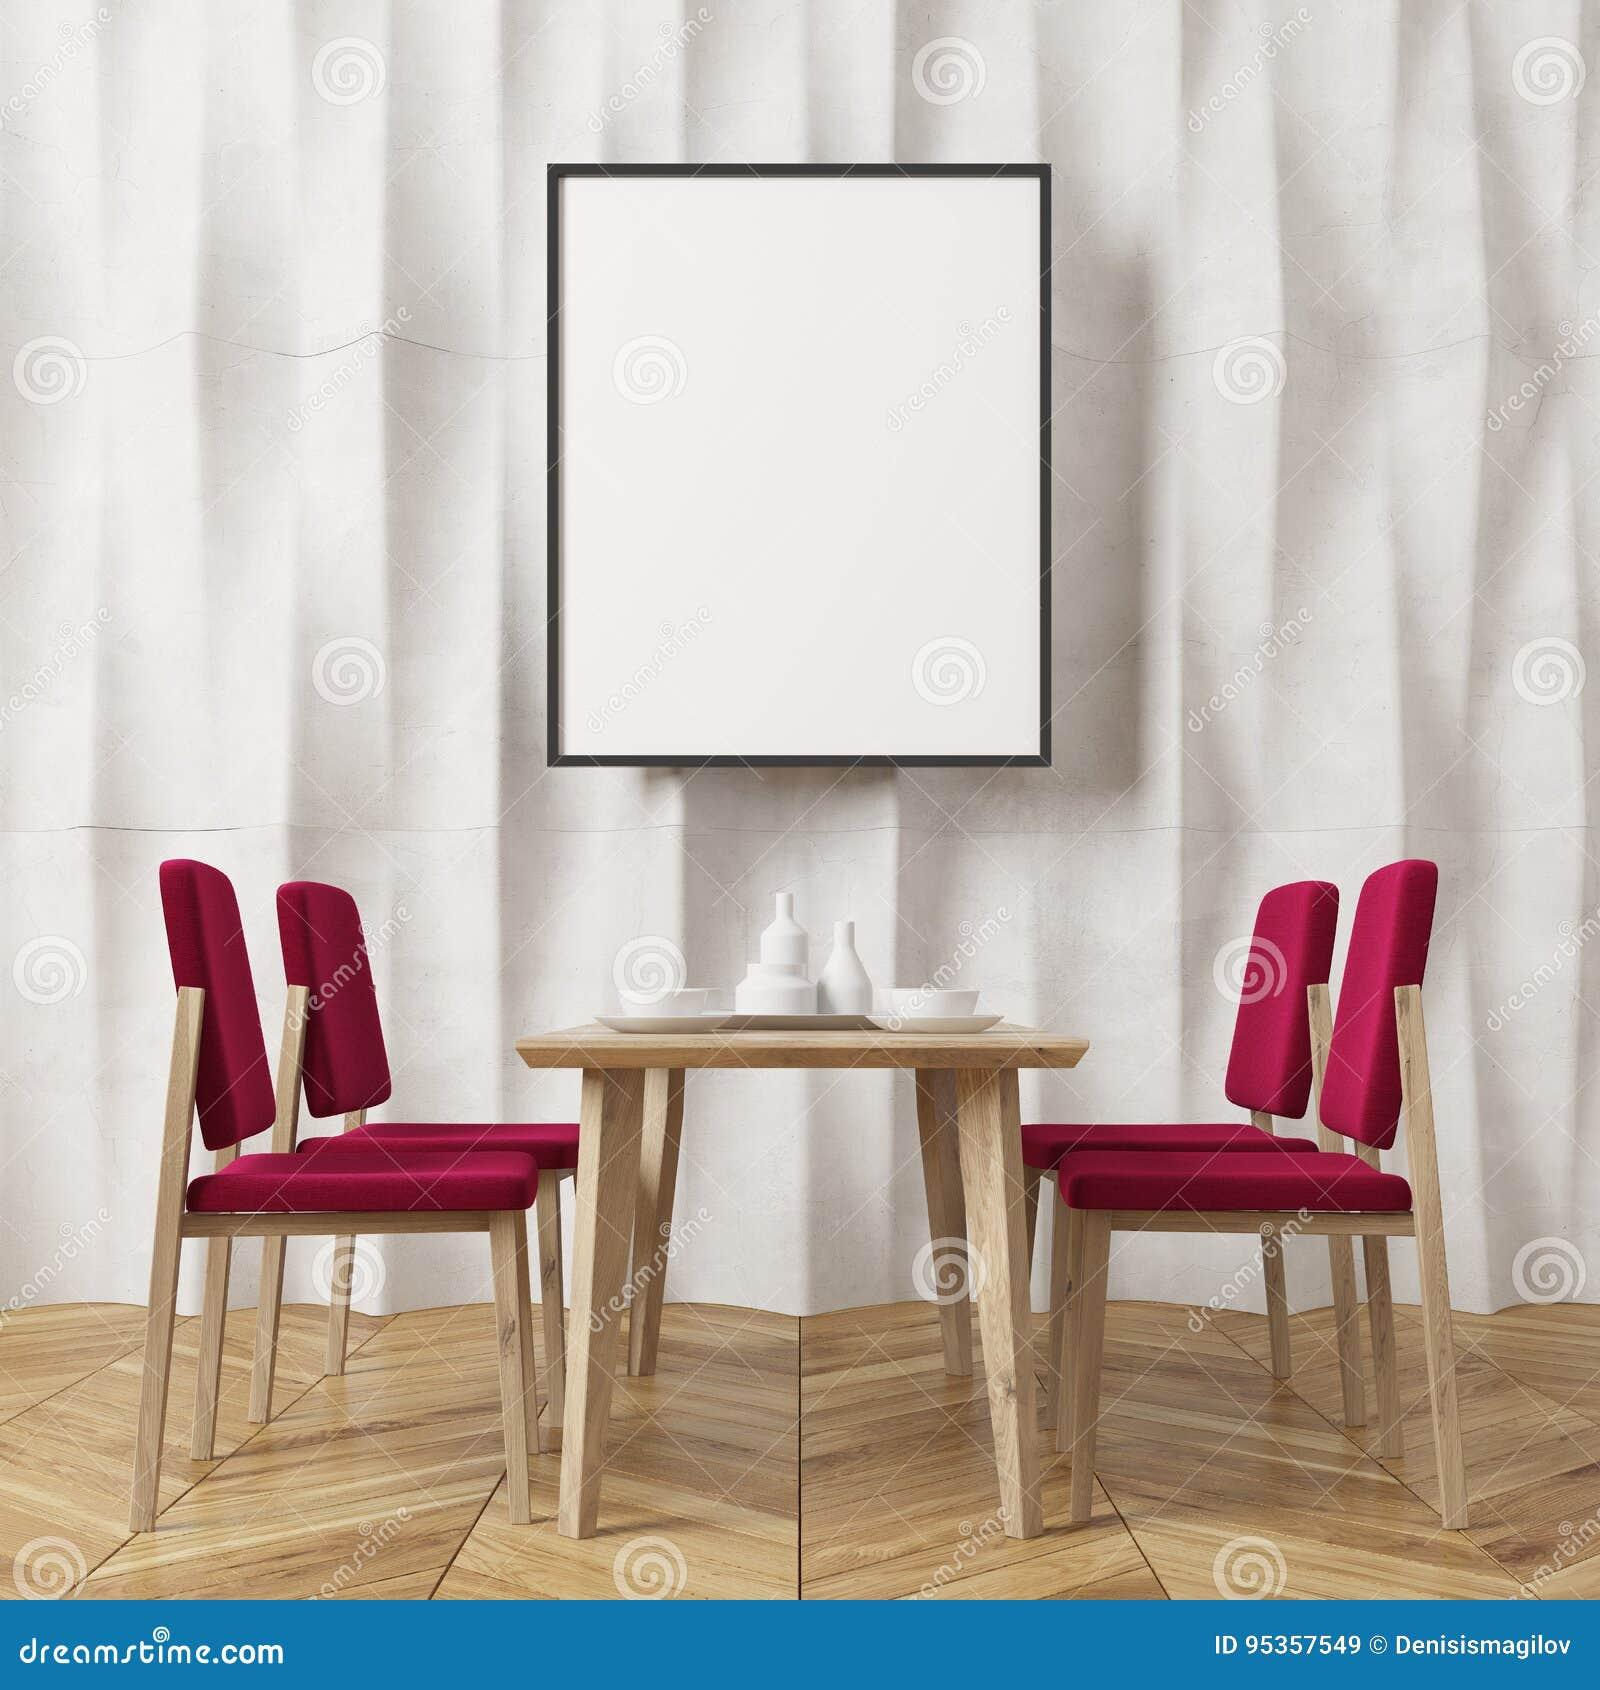 Comedor Texturizado Blanco De La Pared Sillas Rojas Stock De  # Muebles Texturizados